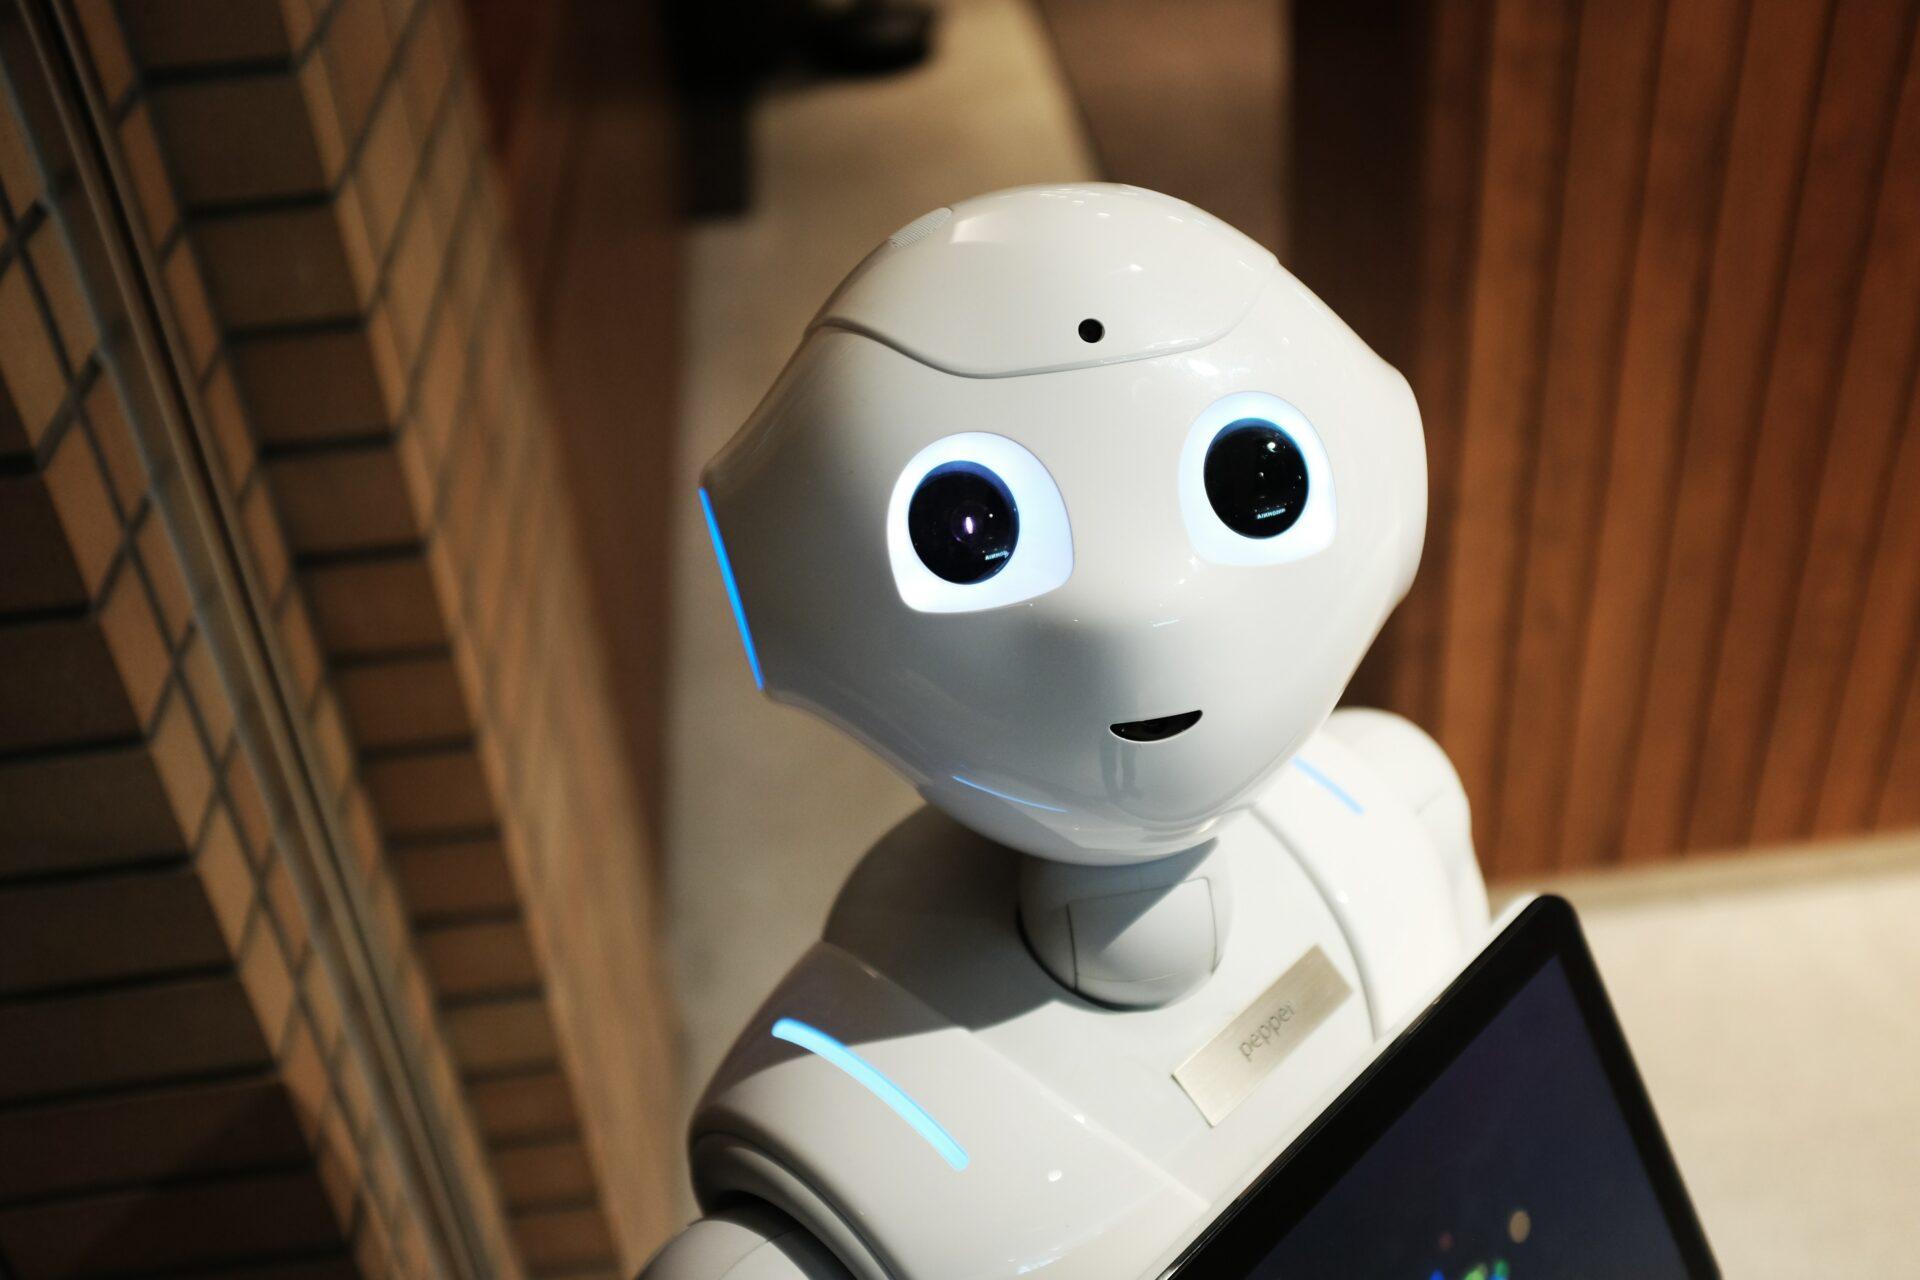 Foto: Roboter Pepper schaut in die Kamera